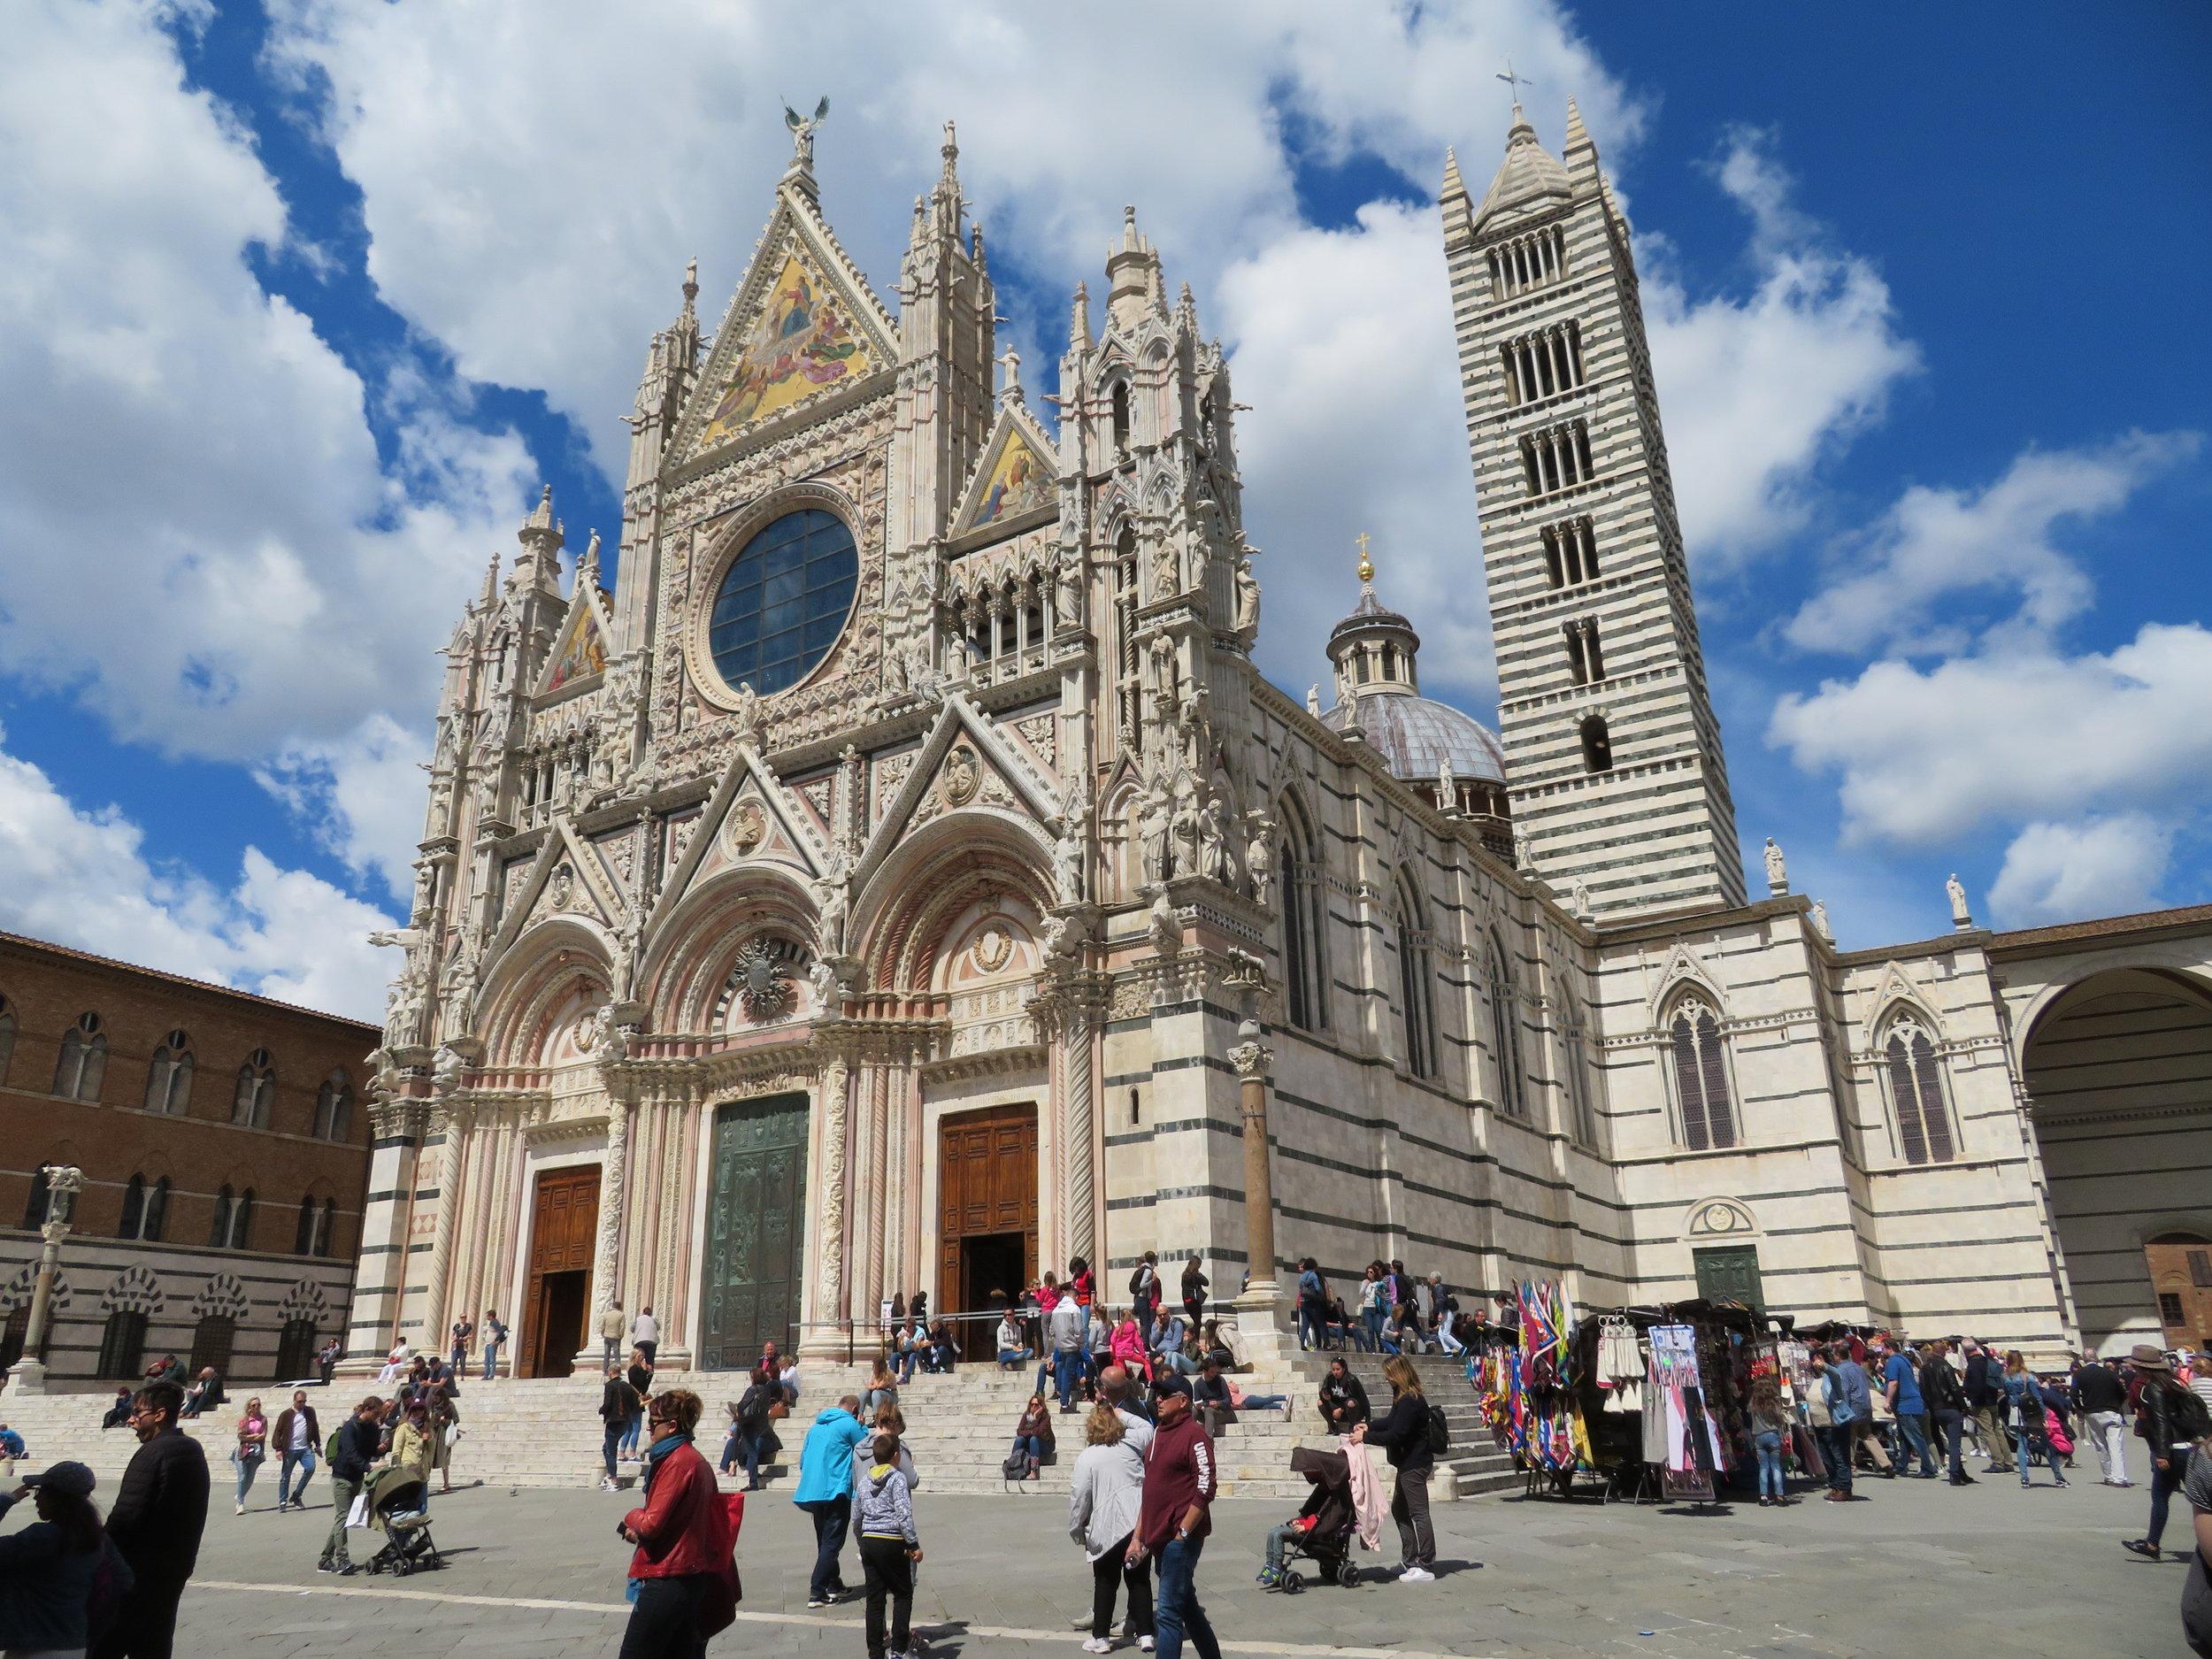 Siena's glorious Duomo … it's breathtaking!